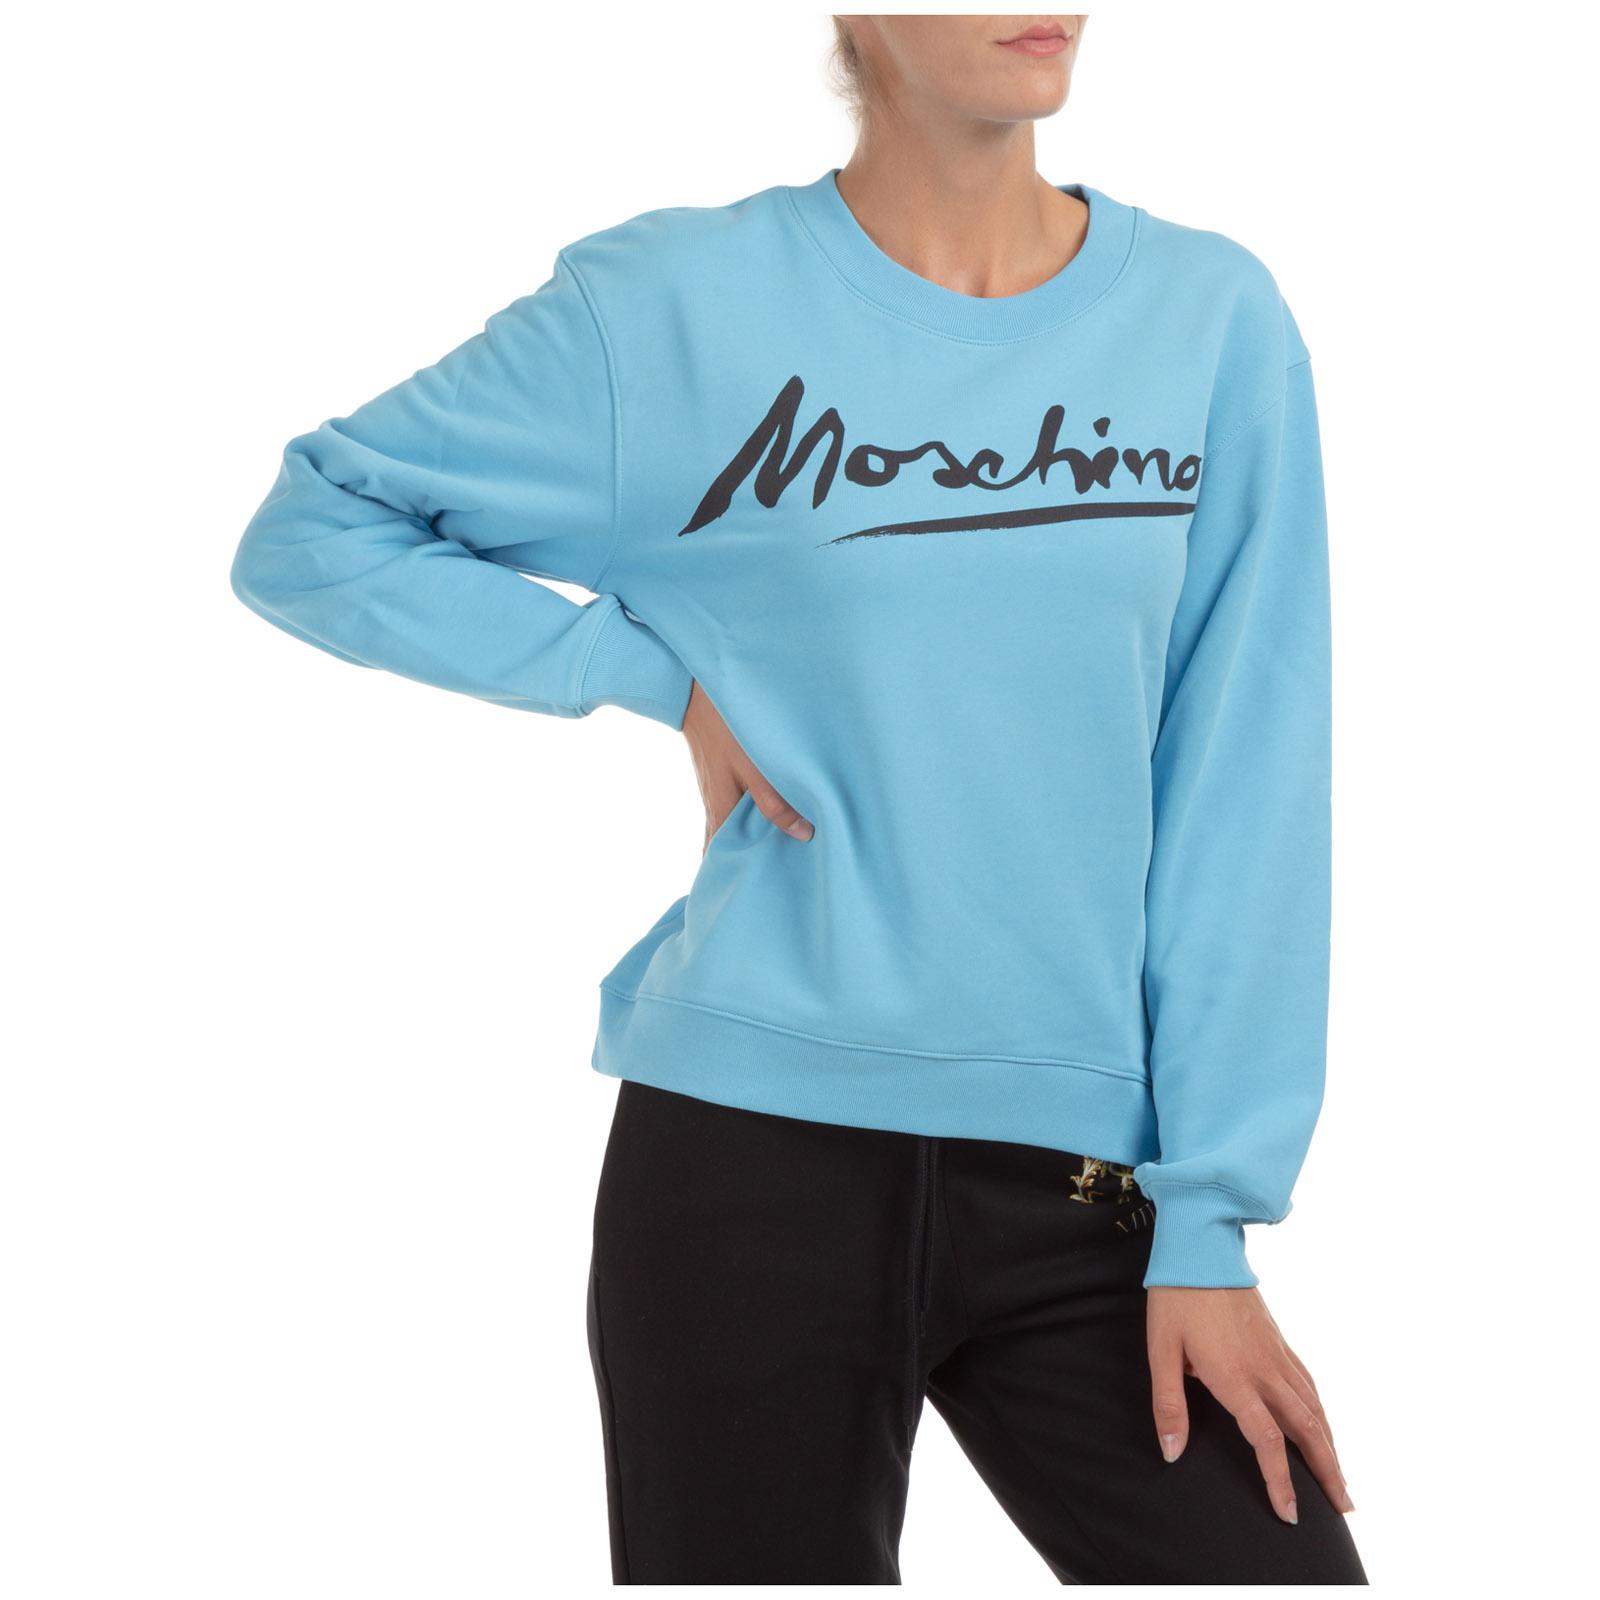 Moschino WOMEN'S SWEATSHIRT